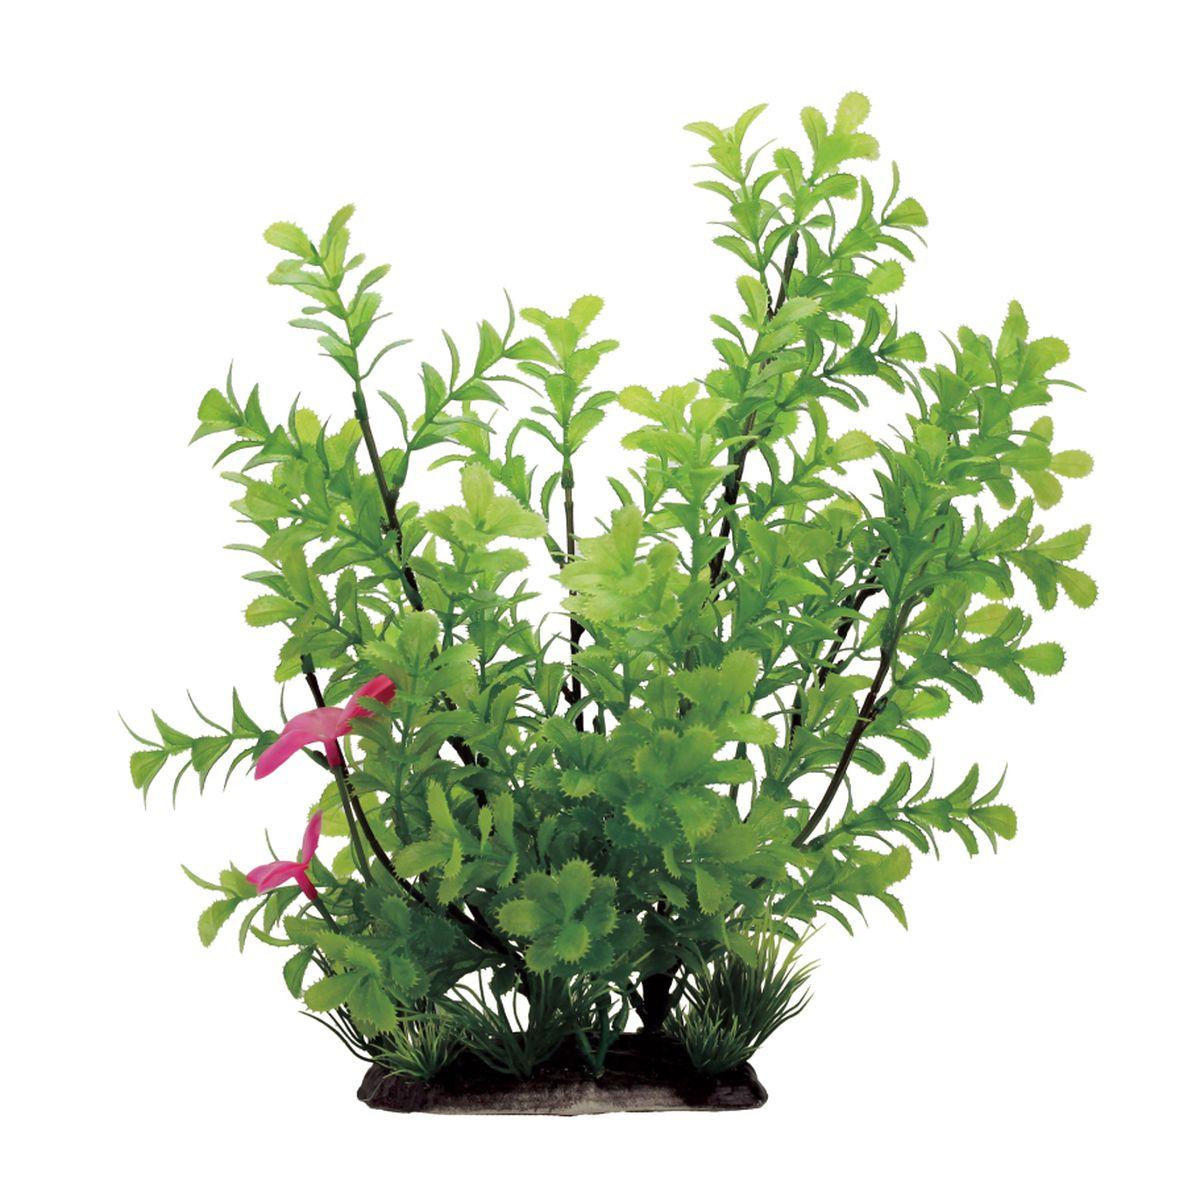 Растение для аквариума ArtUniq Прозерпинака, высота 35 смART-1130108Растение для аквариума ArtUniq Прозерпинака, высота 35 см